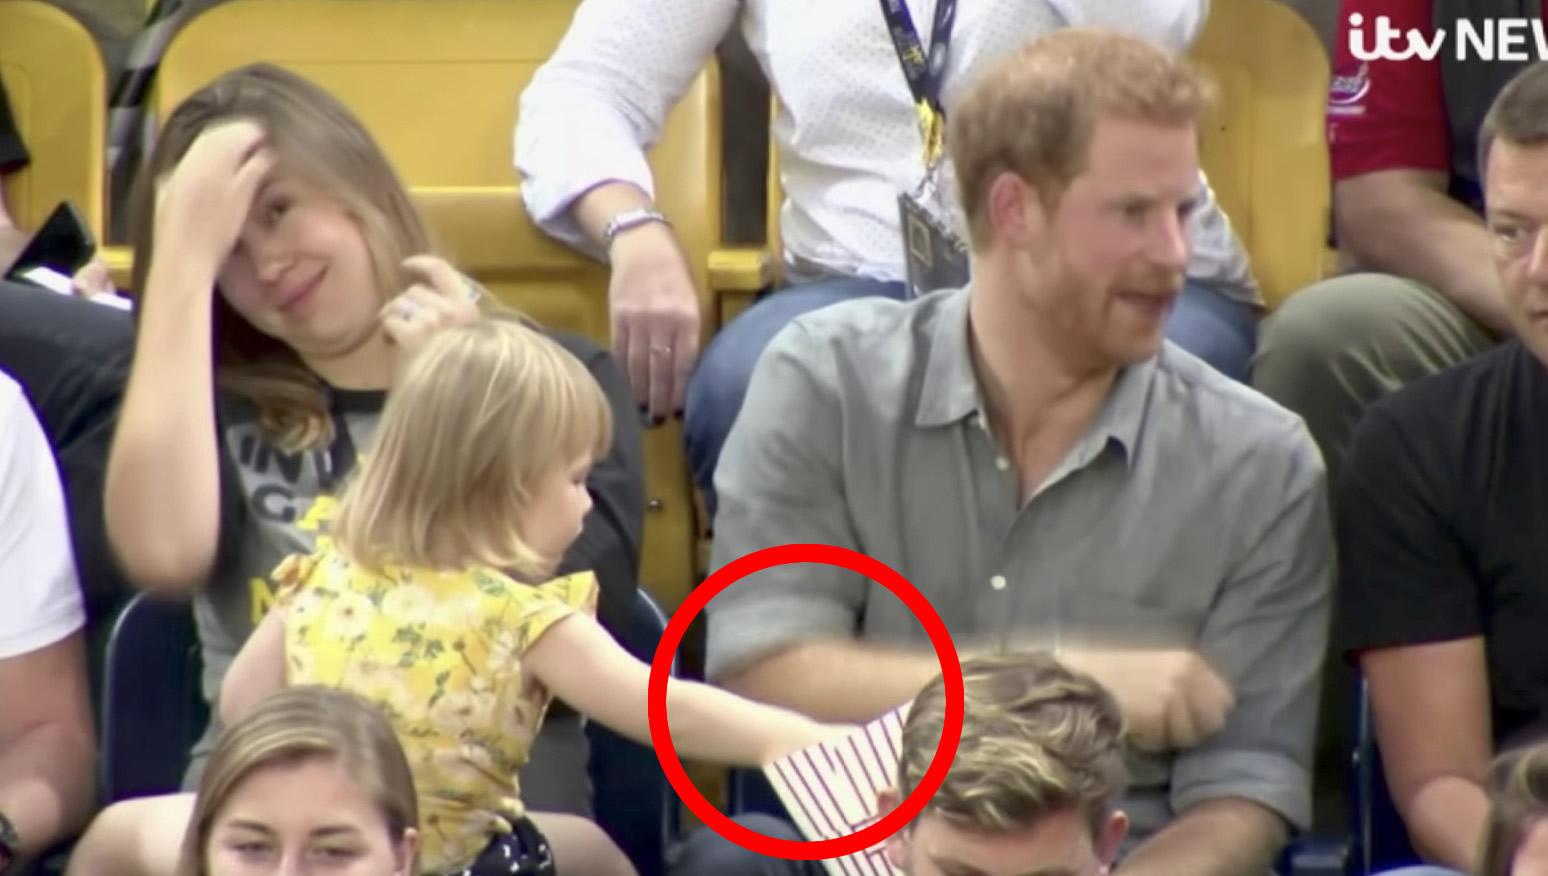 ヘンリー王子のポップコーンを盗み食いする少女。それに気づいた王子の優しさが滲み出た対応が話題に